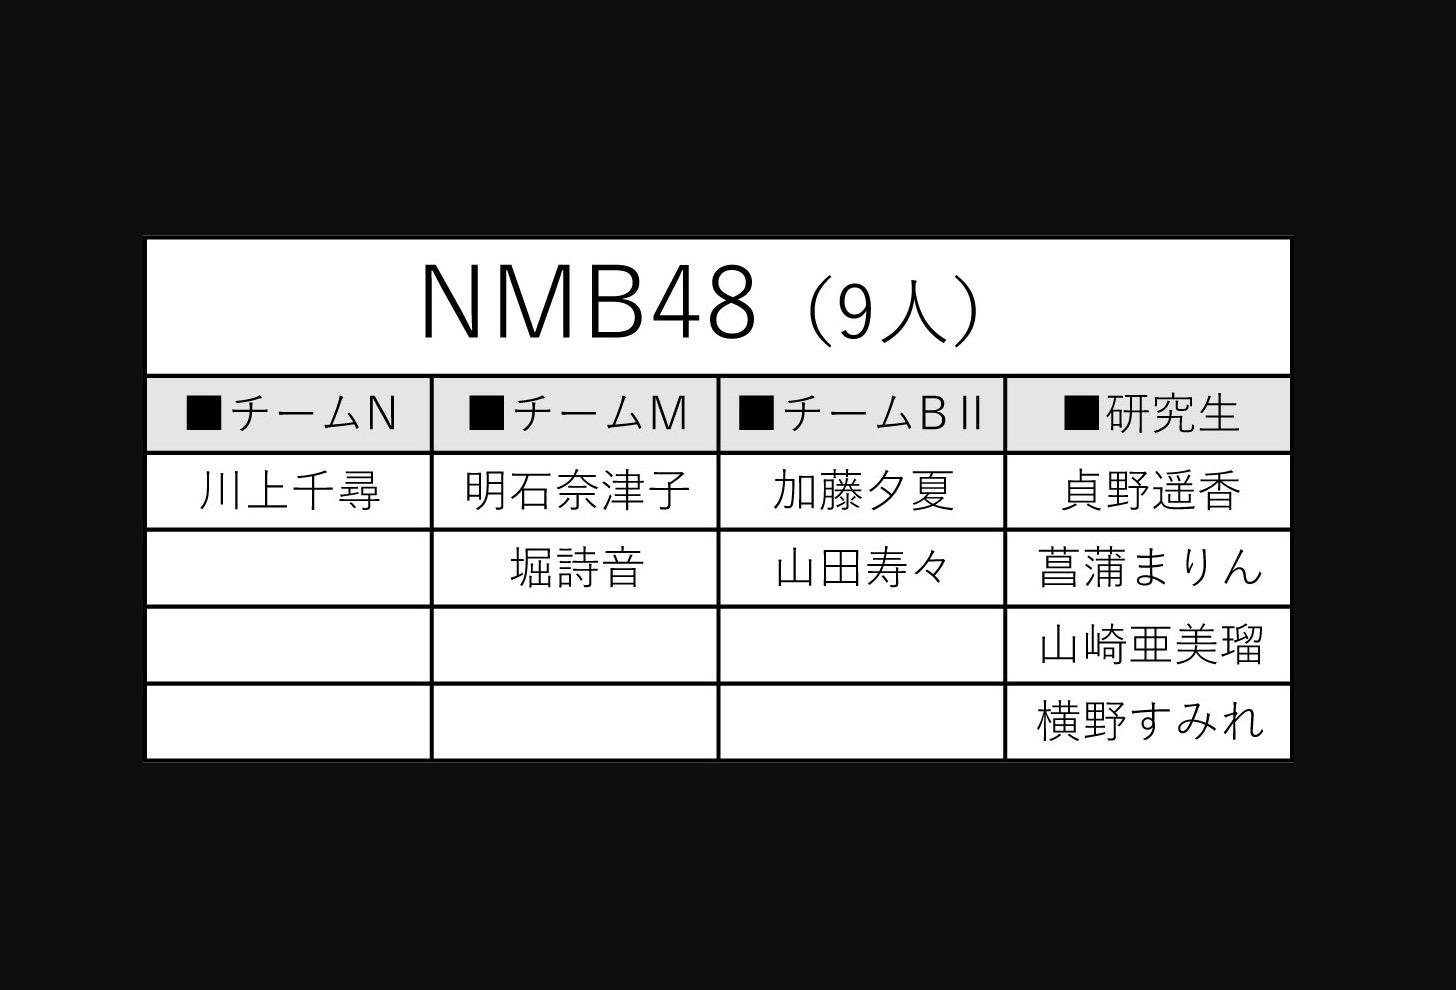 【NMB48】「第2回AKB48グループ歌唱力No.1決定戦」中間では9名がエントリー。